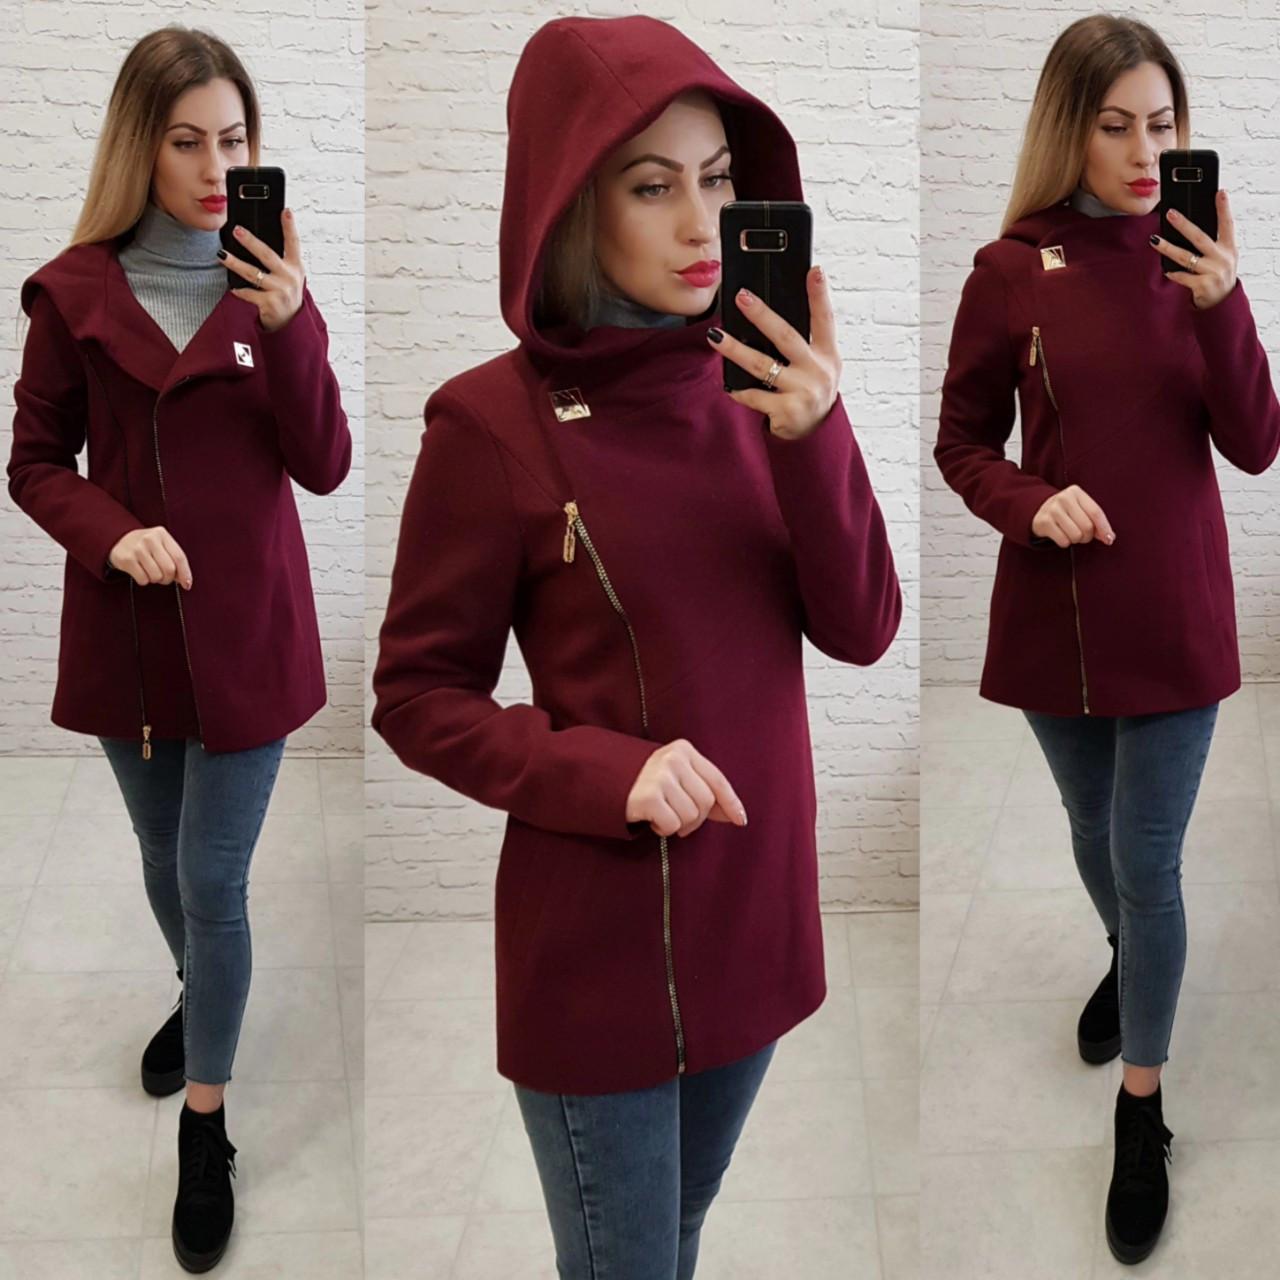 Короткое пальто женское с капюшоном, модель  156, марсала